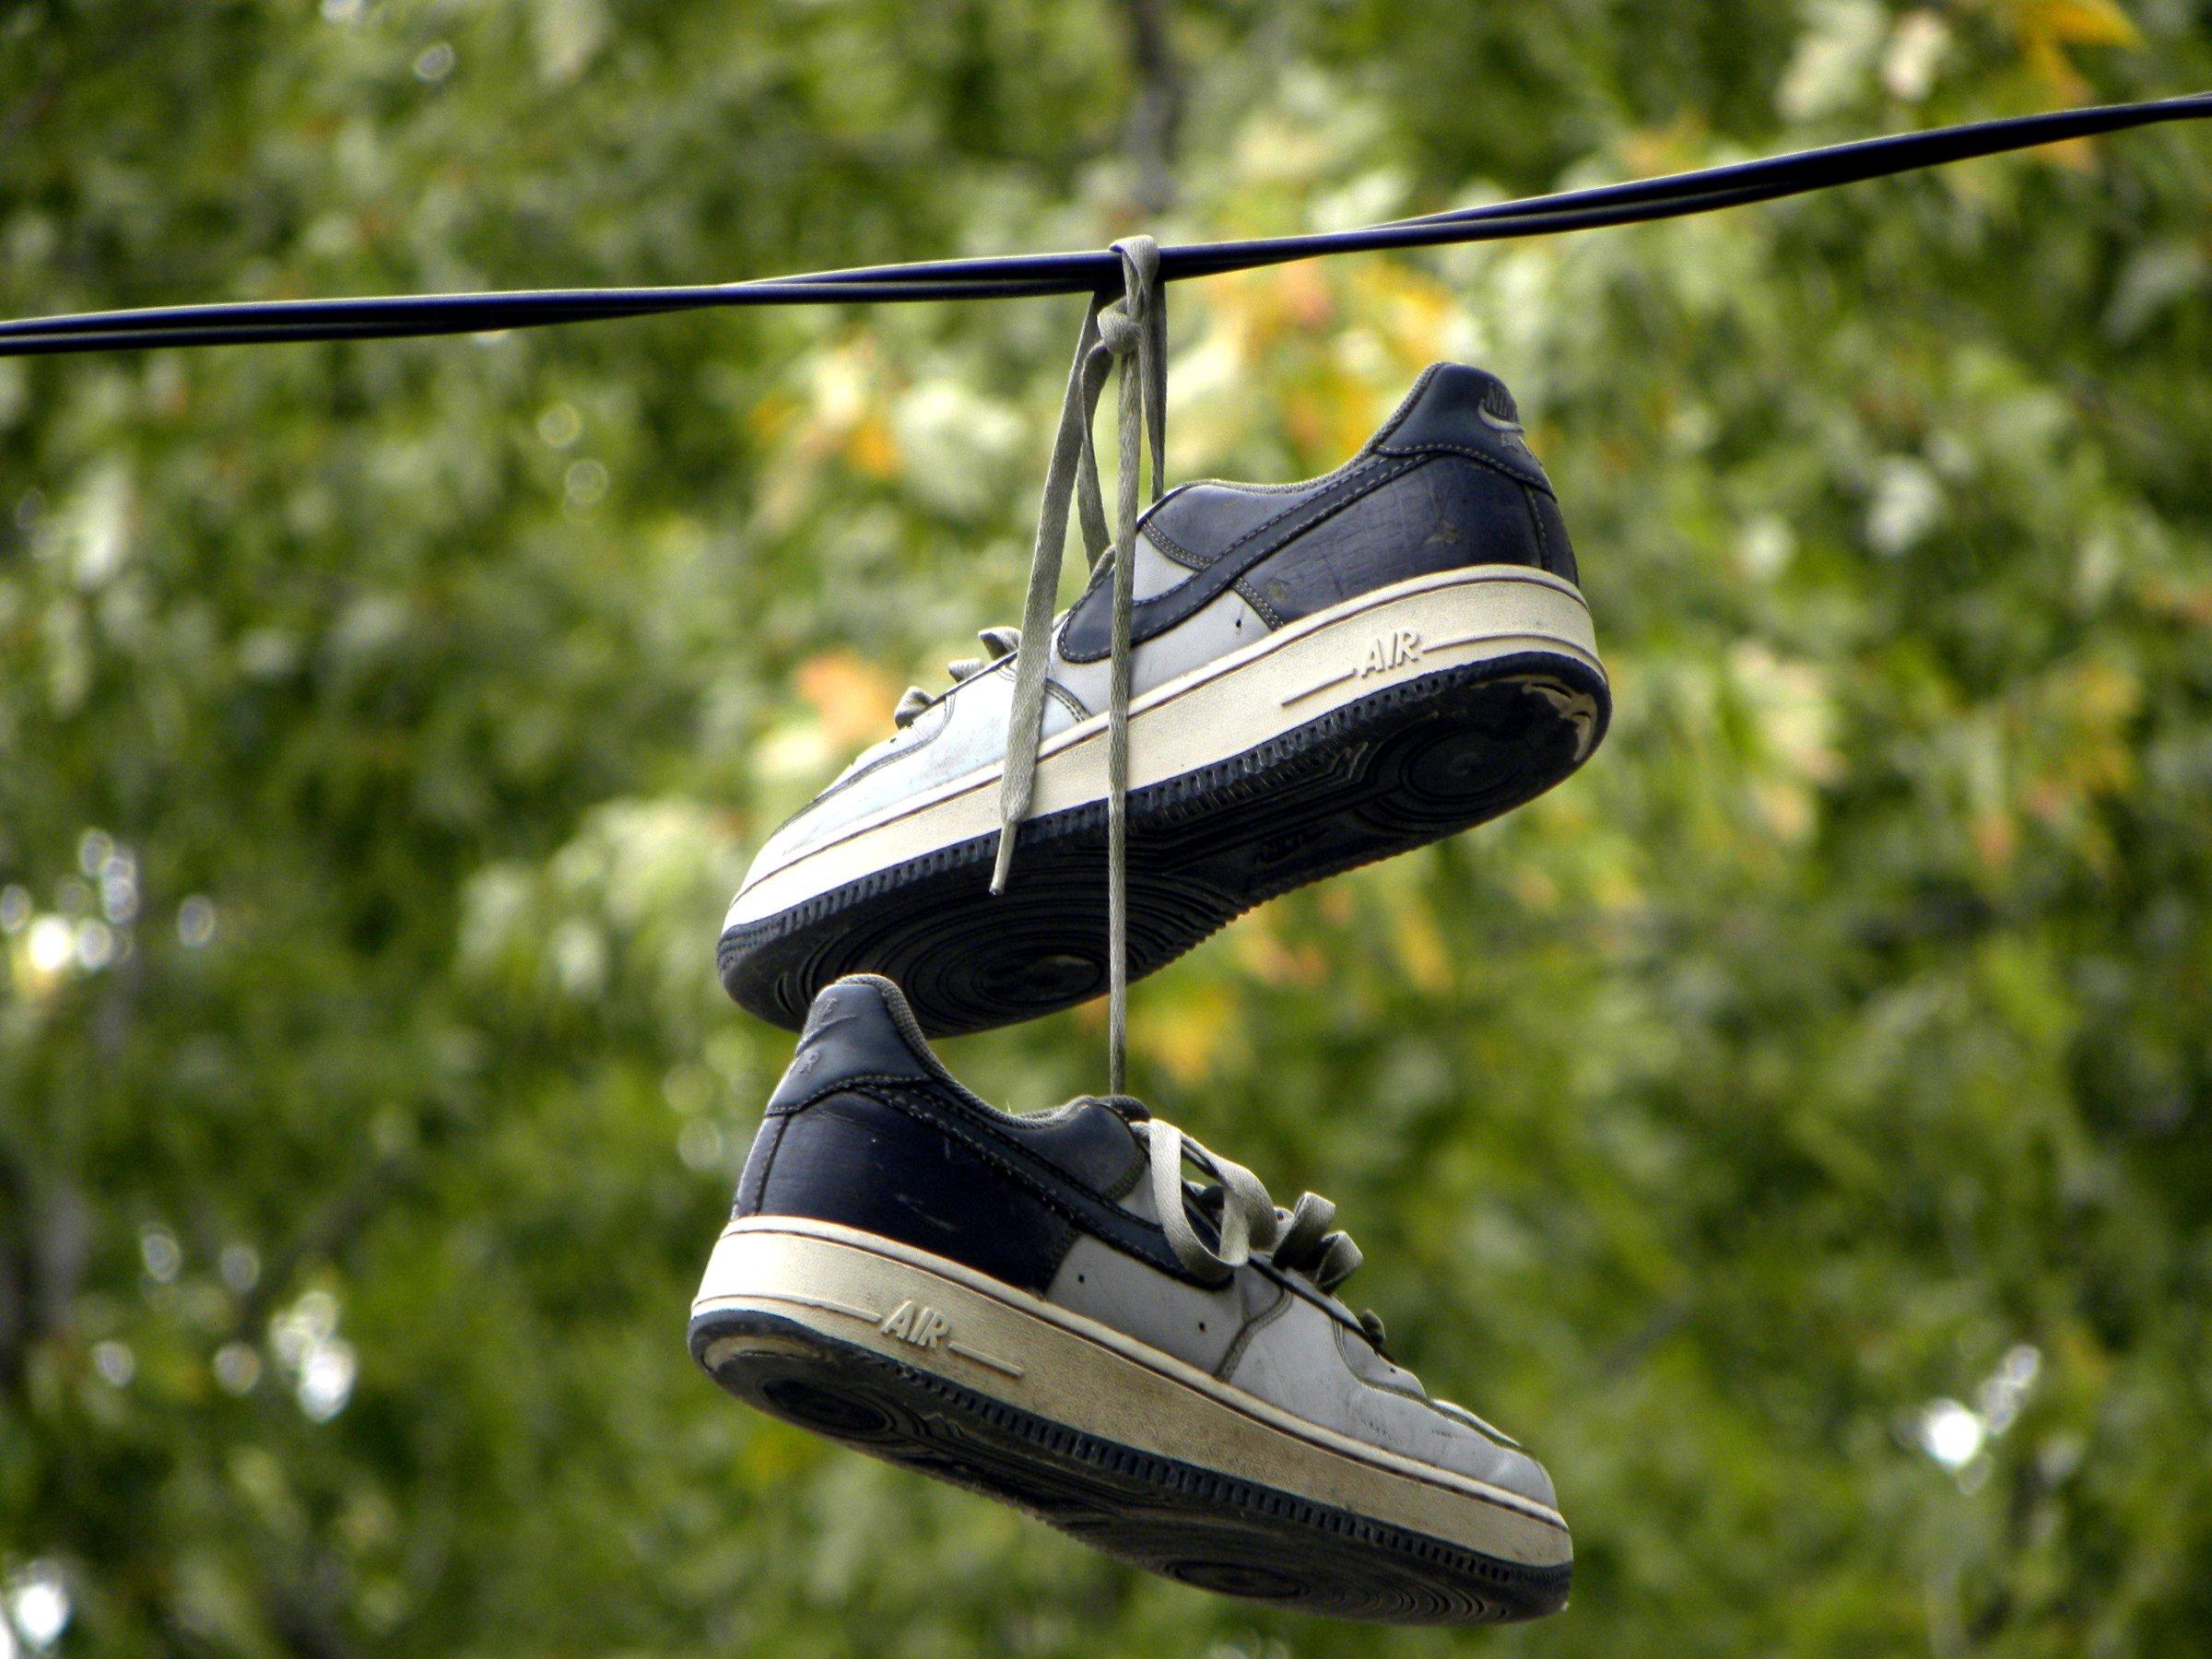 frag mutti immer wei schuhe richtig reinigen wie die sneaker strahlend wei bleiben. Black Bedroom Furniture Sets. Home Design Ideas